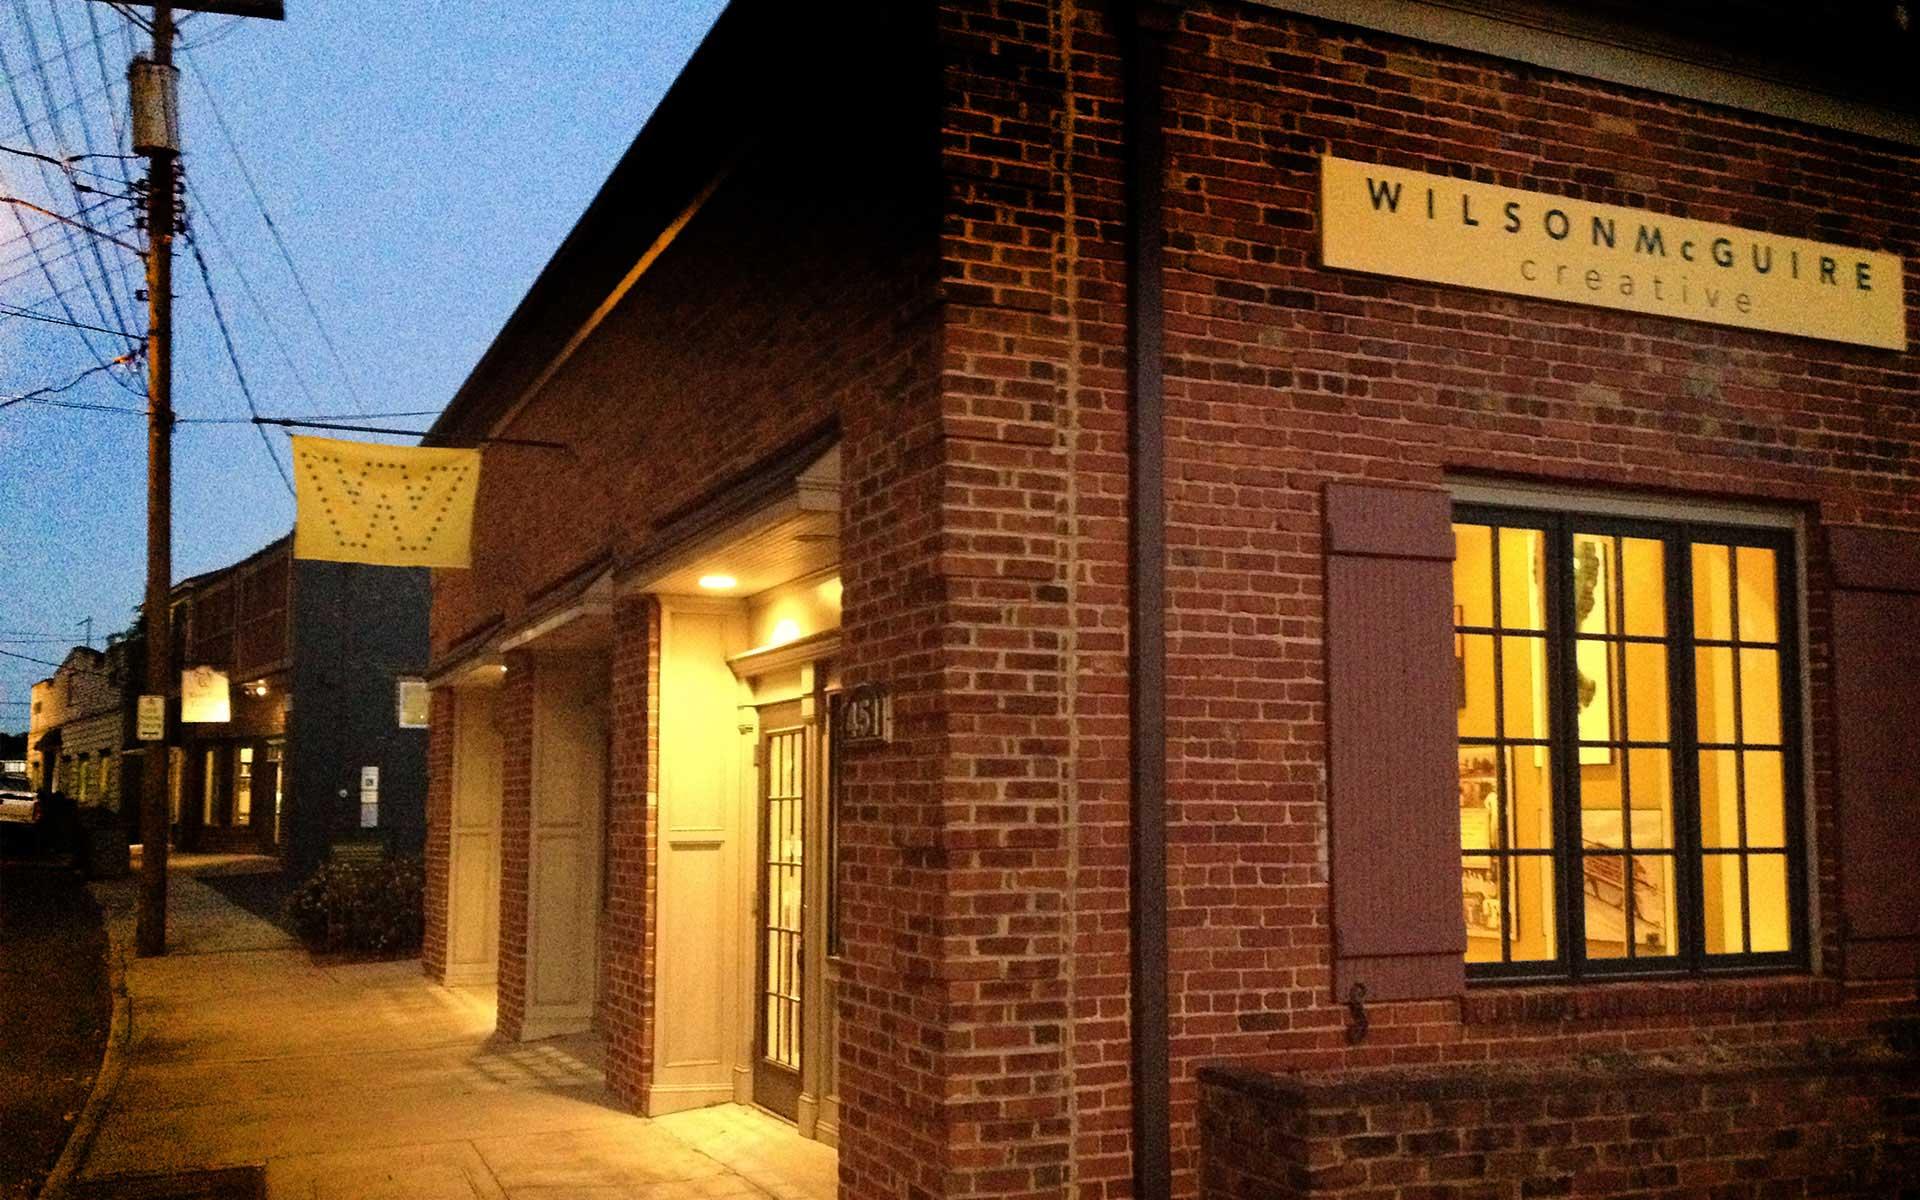 WilsonMcGuire Creative building exterior